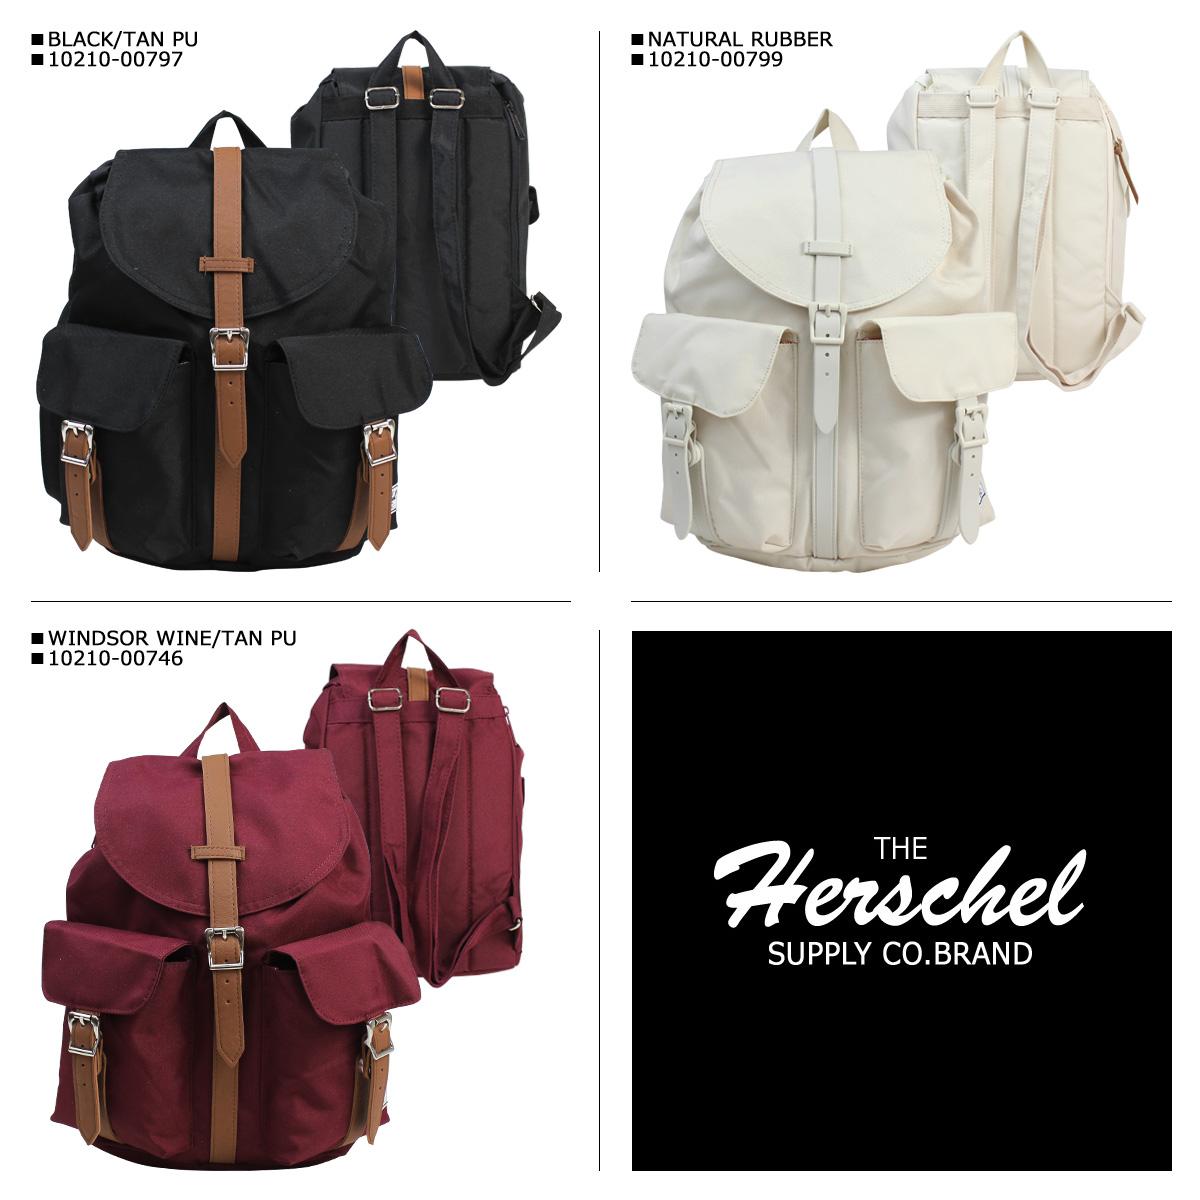 赫歇尔供应赫歇尔供应男式女式背包背囊 10210 道森